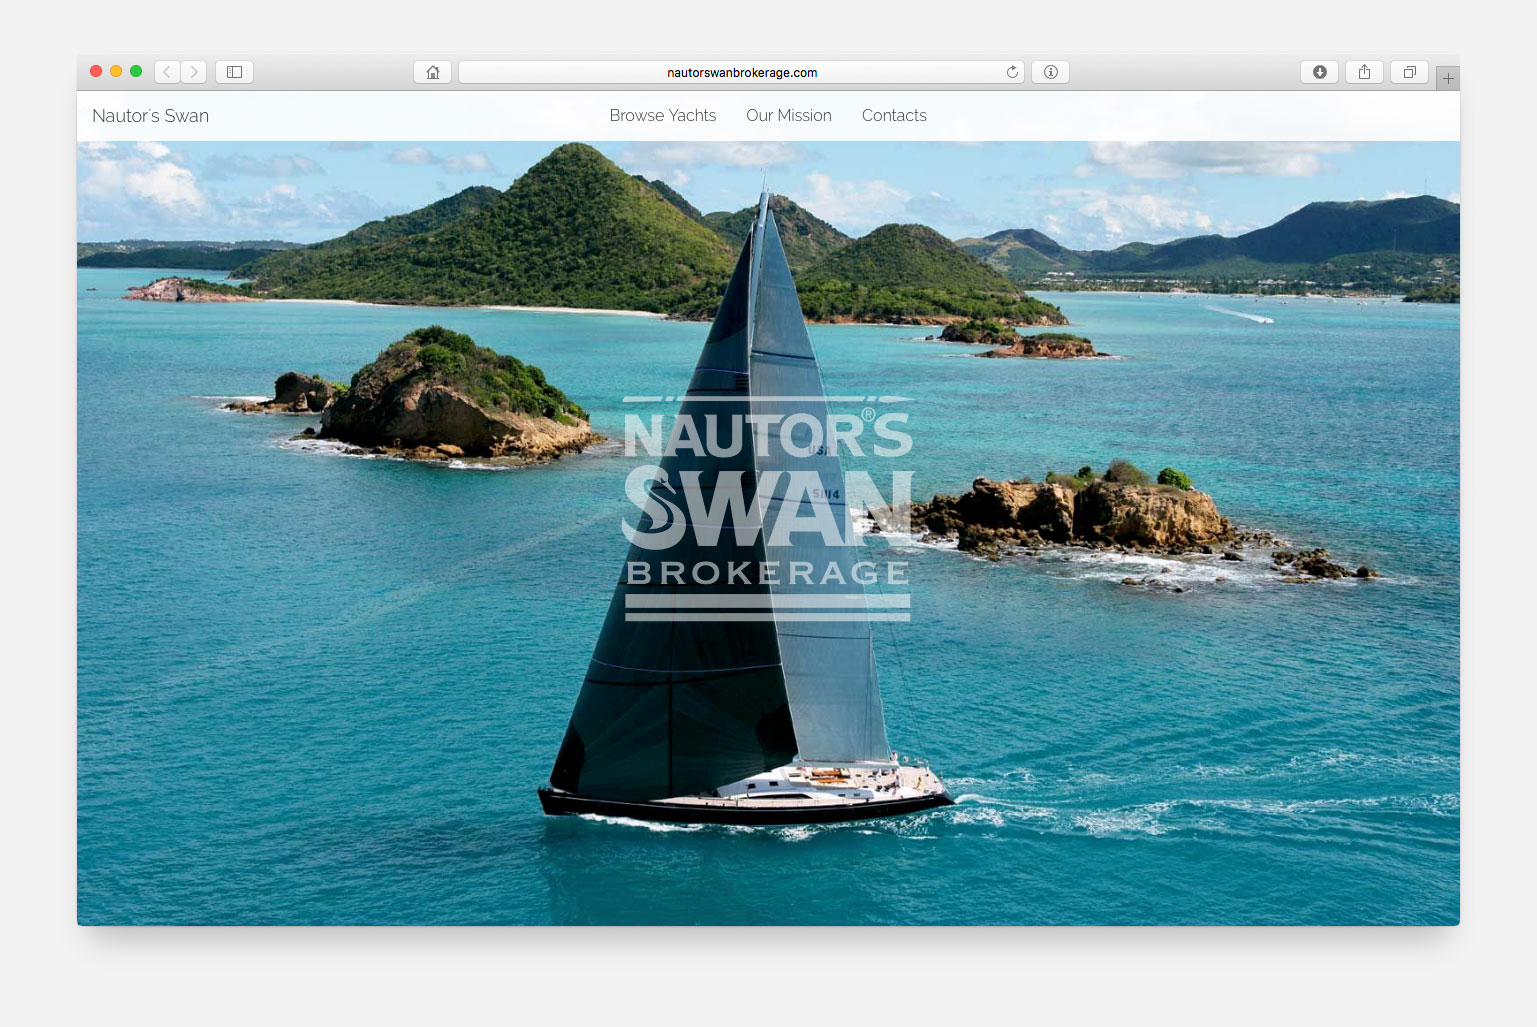 Nautor's Swan Brokerage new website